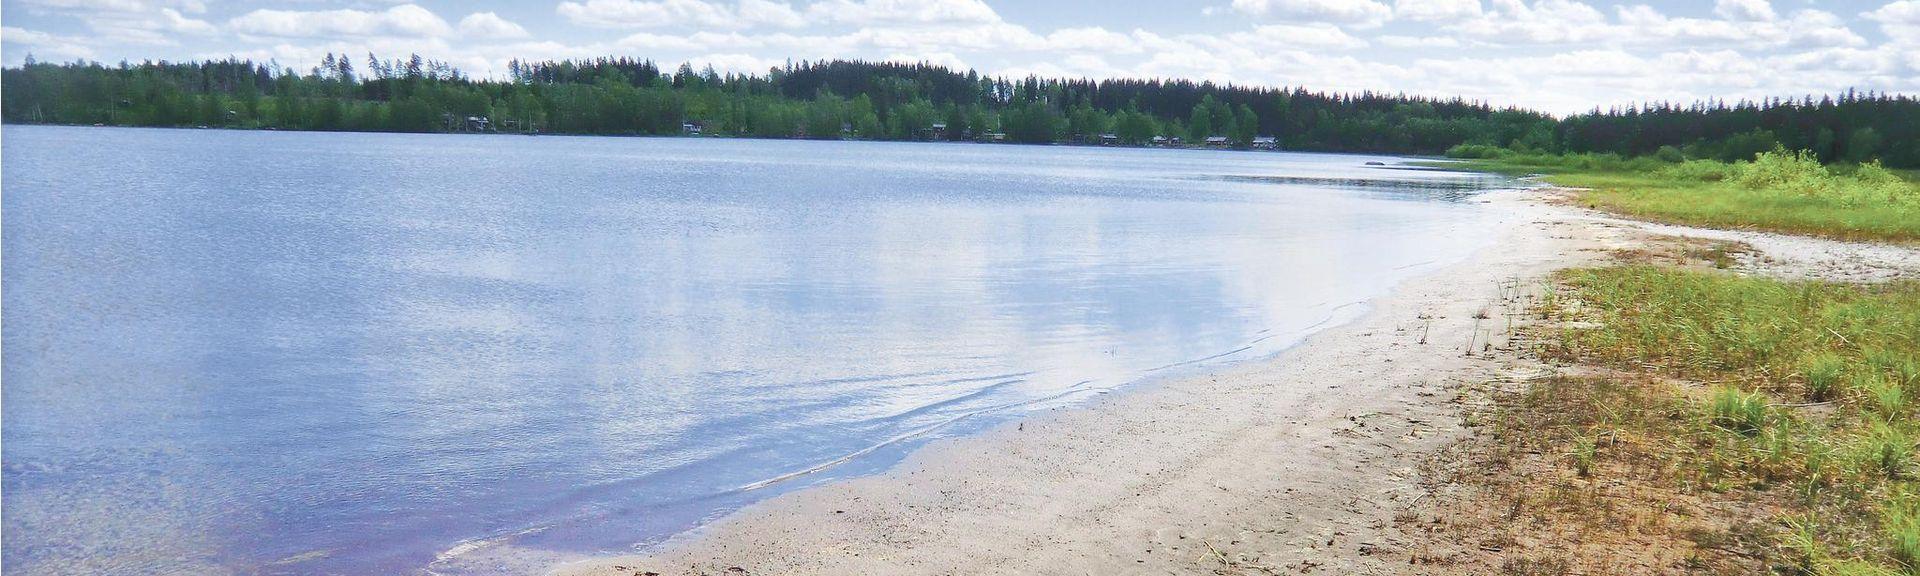 Bodafors, Jönköping County, Sweden